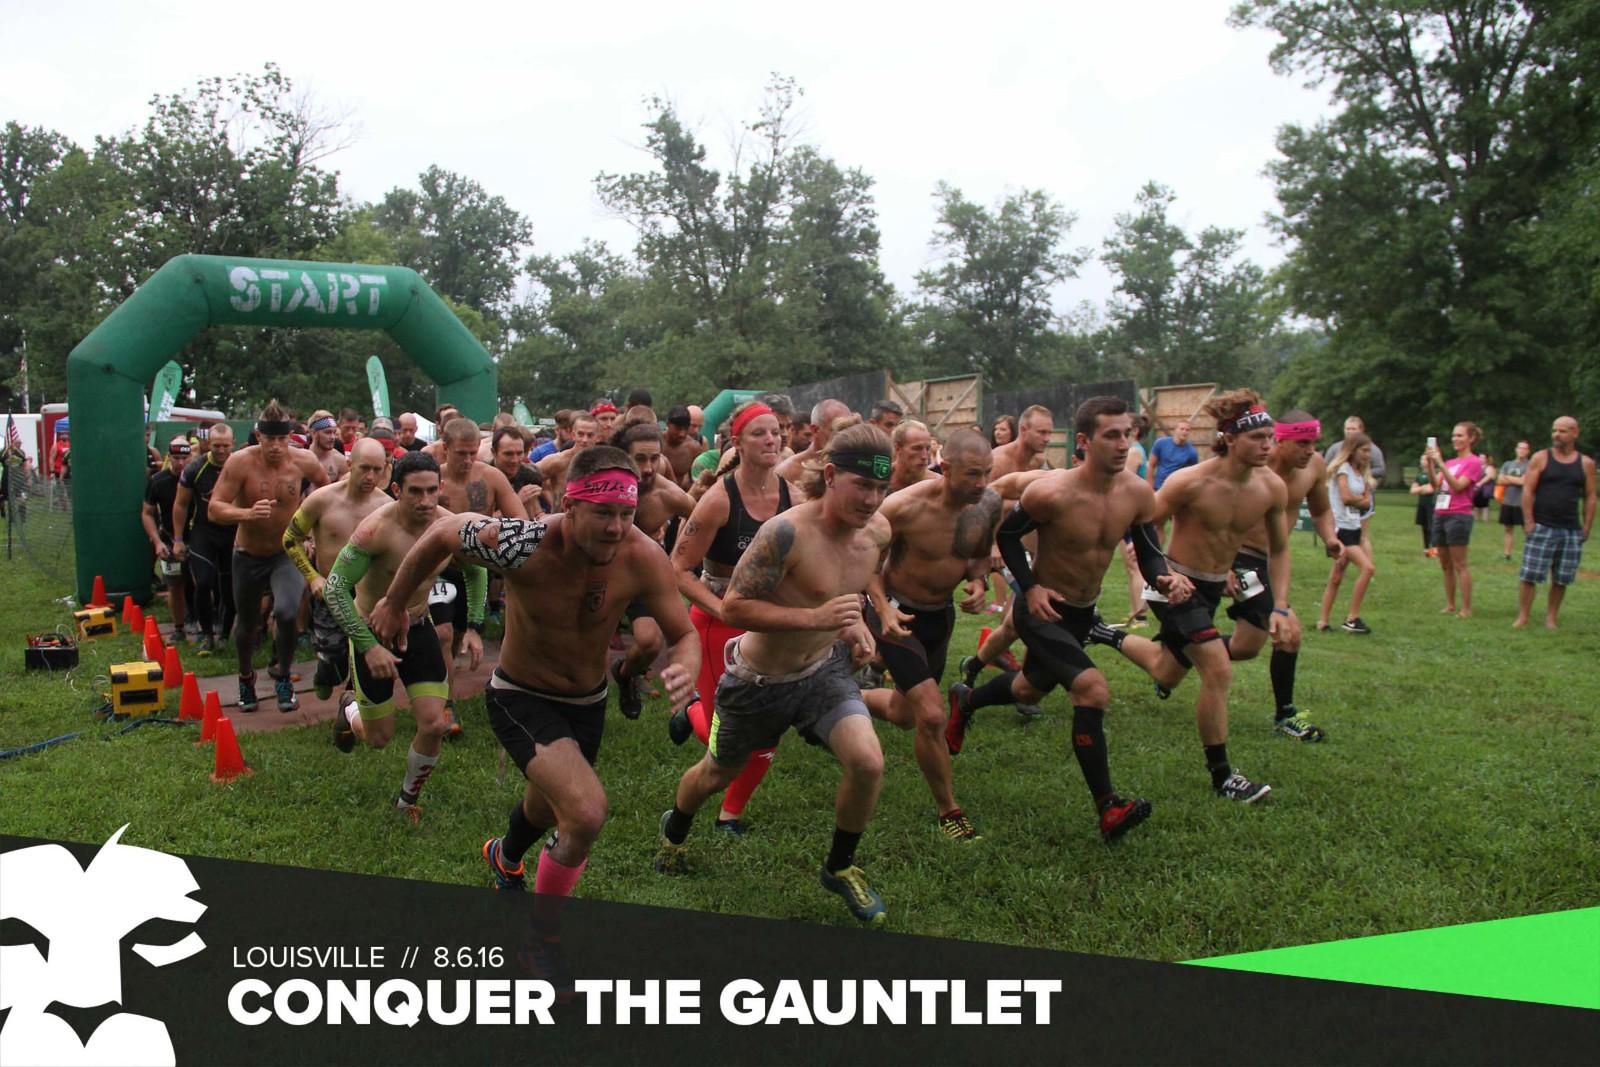 Conquer-The-Gauntlet-Louisville-2016-Start